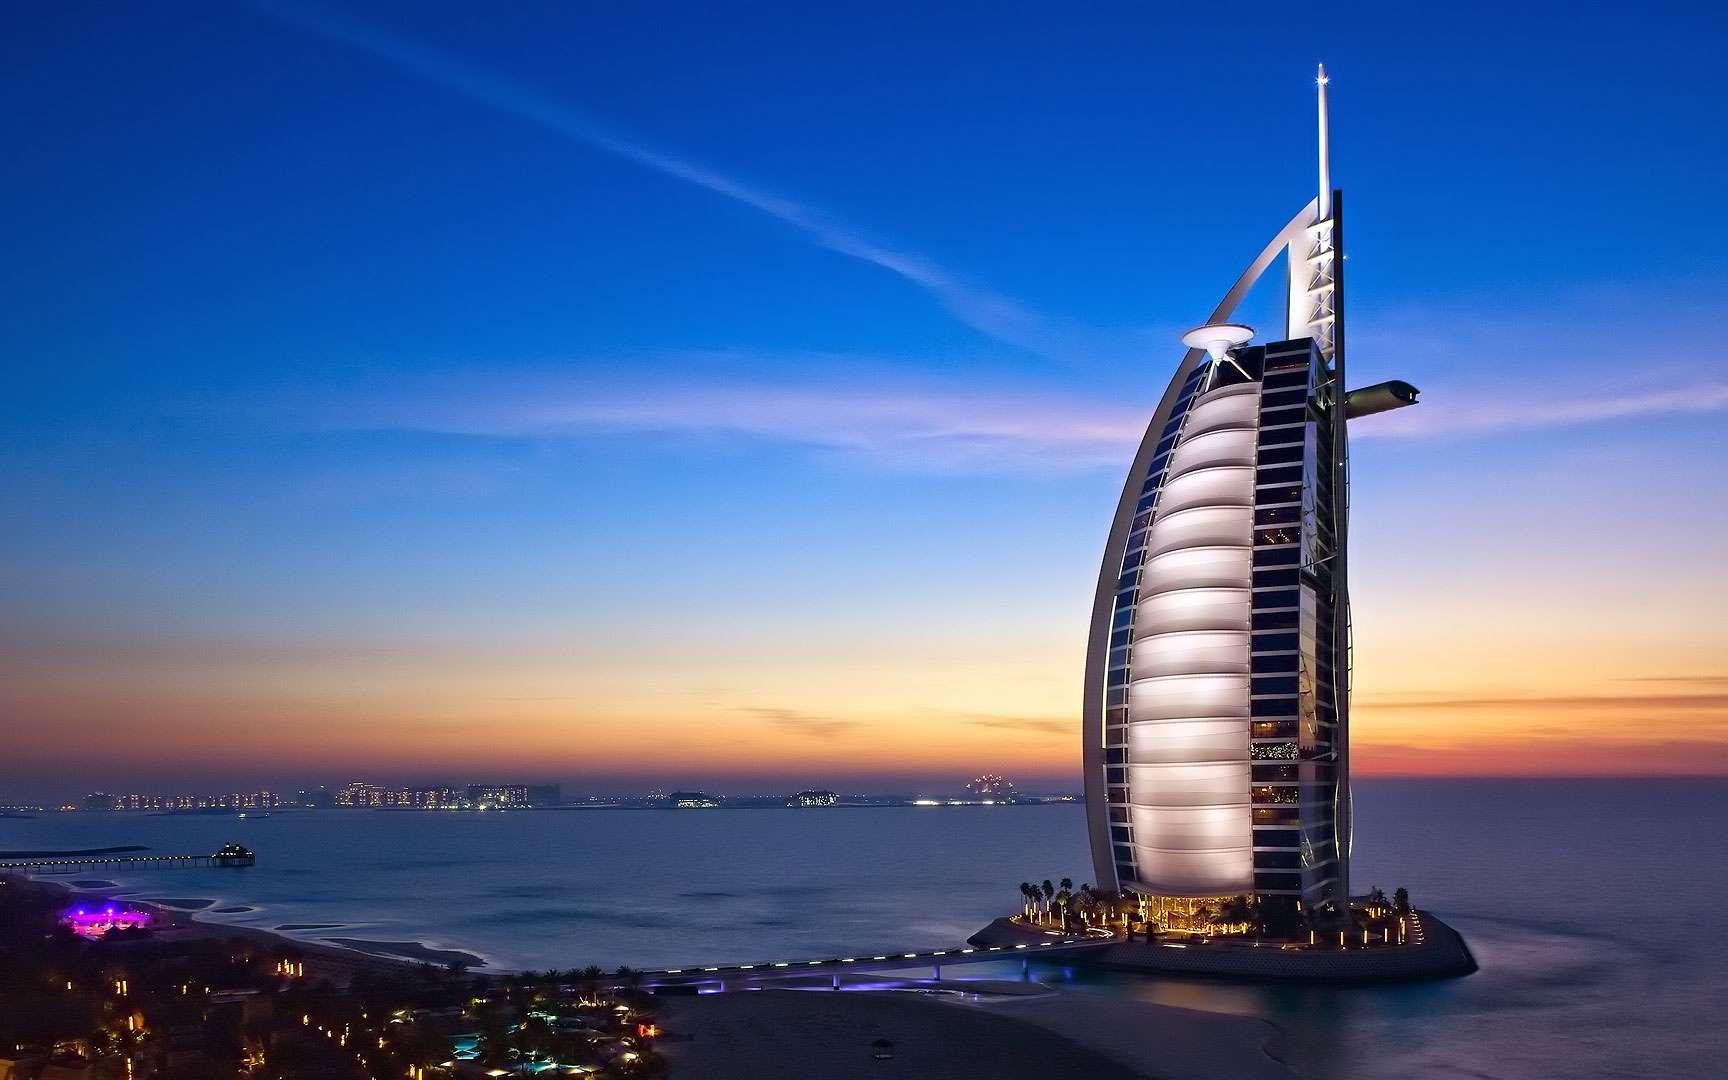 L'hôtel Burj al-Arab, à Dubaï, aux Émirats arabes unis. Le Burj al-Arab (en arabe la « tour des Arabes ») est un hôtel de luxe situé à Dubaï, aux Émirats arabes unis. C'est l'un des plus hauts hôtels du monde (321 mètres). Il est situé sur une île artificielle, à 280 mètres de la plage et a la forme d'une voile géante. Il a été construit de telle façon que son ombre ne recouvre pas la plage. © DR